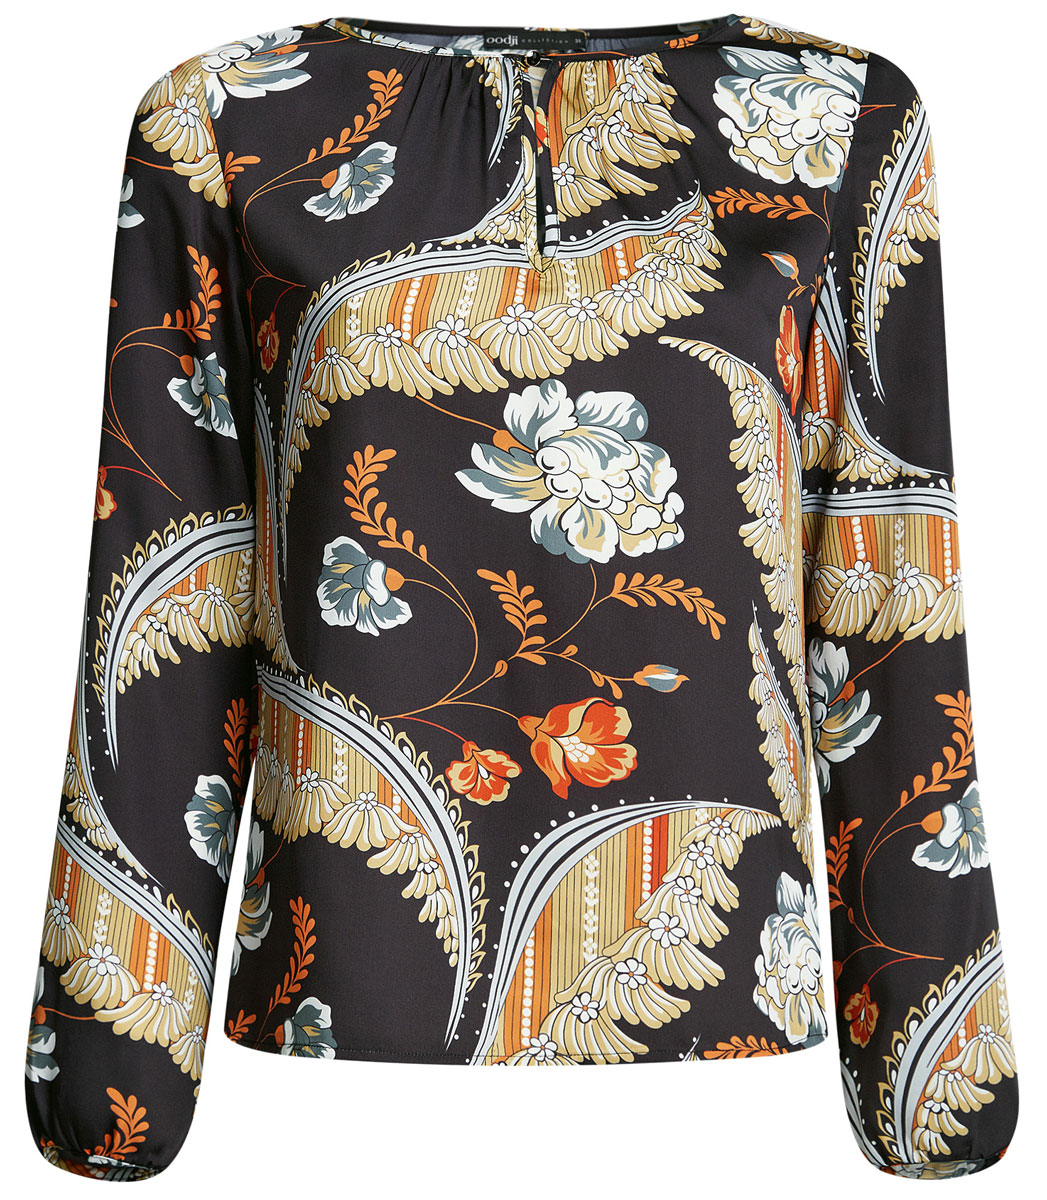 Блузка женская oodji Collection, цвет: черный, бежевый. 21400321-2/33116/2933F. Размер 40-170 (46-170)21400321-2/33116/2933FЖенская стильная блузка oodji исполнена из гладкой воздушной ткани. Оформлена рукавами-баллонами и круглым аккуратным воротником с вырезом-капелькой, декорированным пуговкой. Отлично подойдет для создания утонченного образа, как в повседневном стиле, так и в полуделовом.